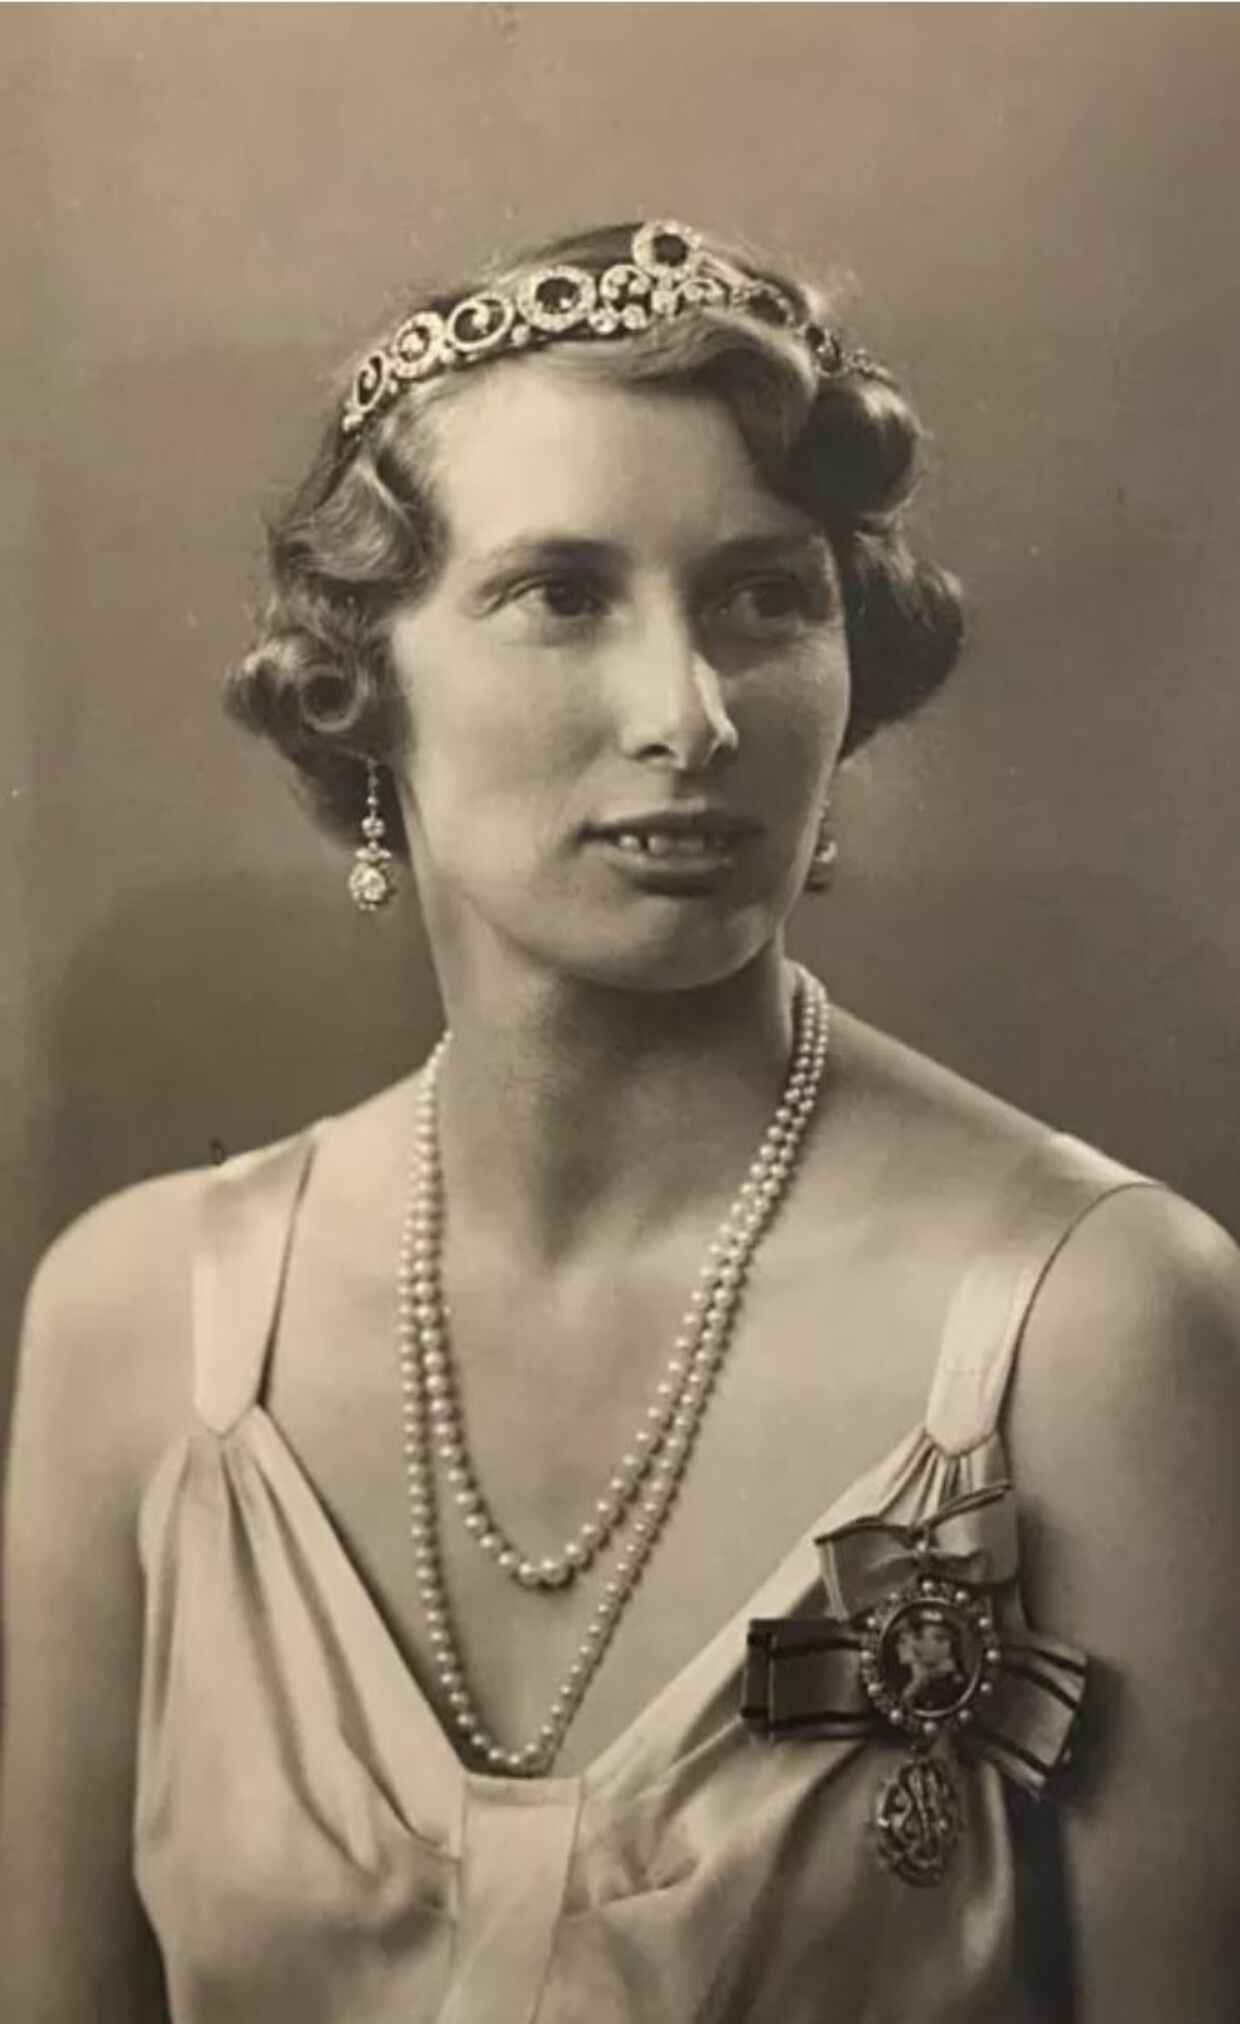 ARKIVFOTO af Arveprinsesse Caroline-Mathilde, der her anvender kombinationssmykket som bandeau i 1944.